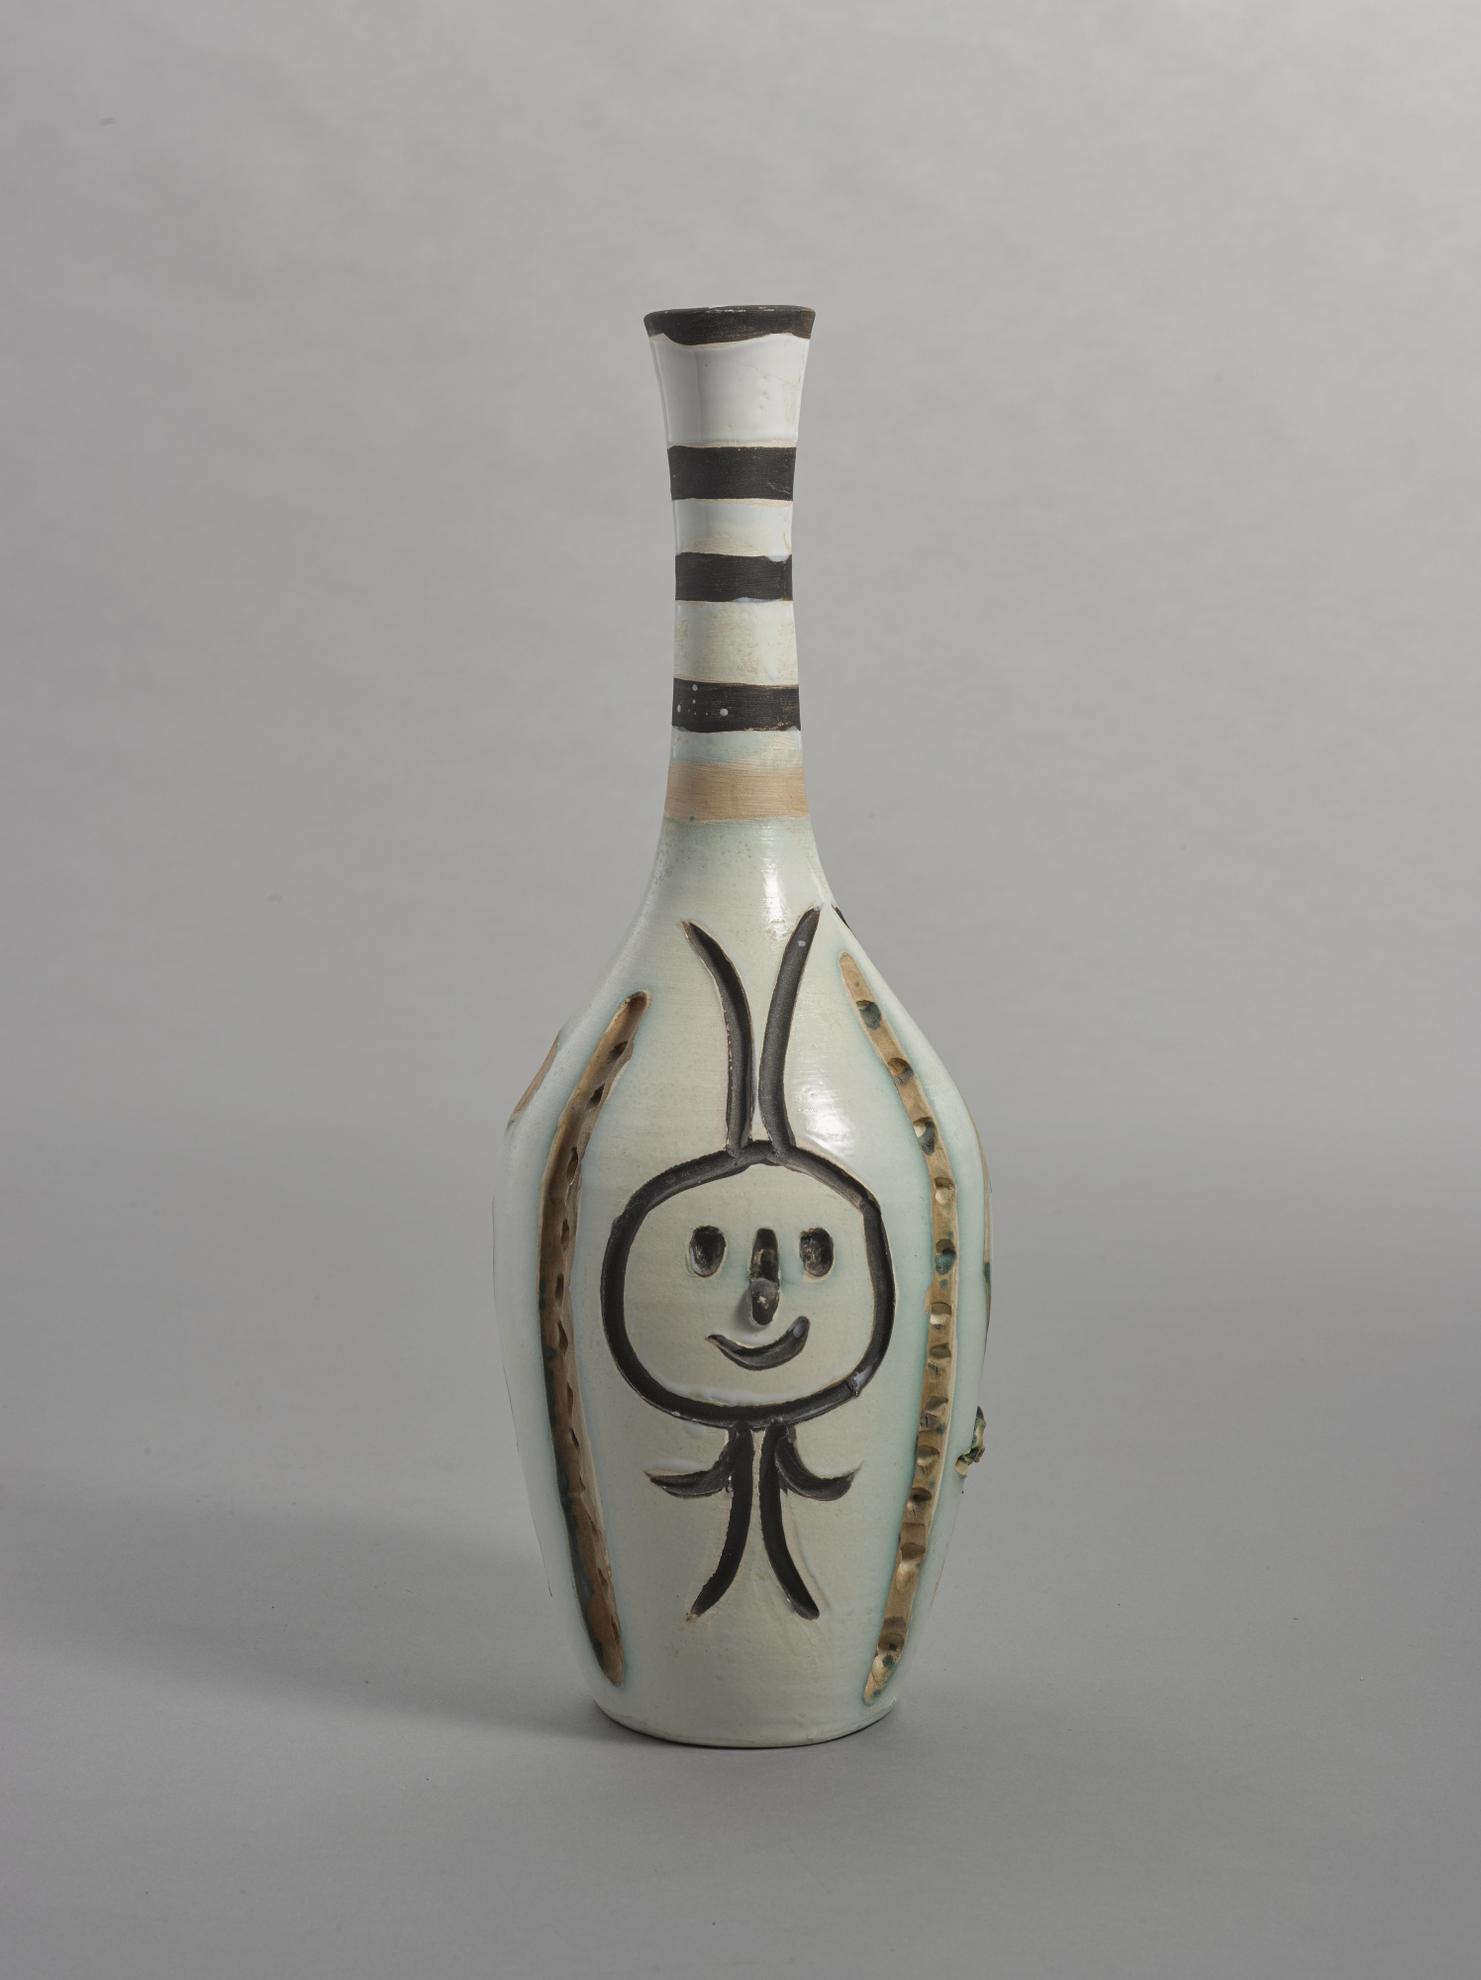 Pablo Picasso-Bouteille Gravee (A.R. 249)-1954